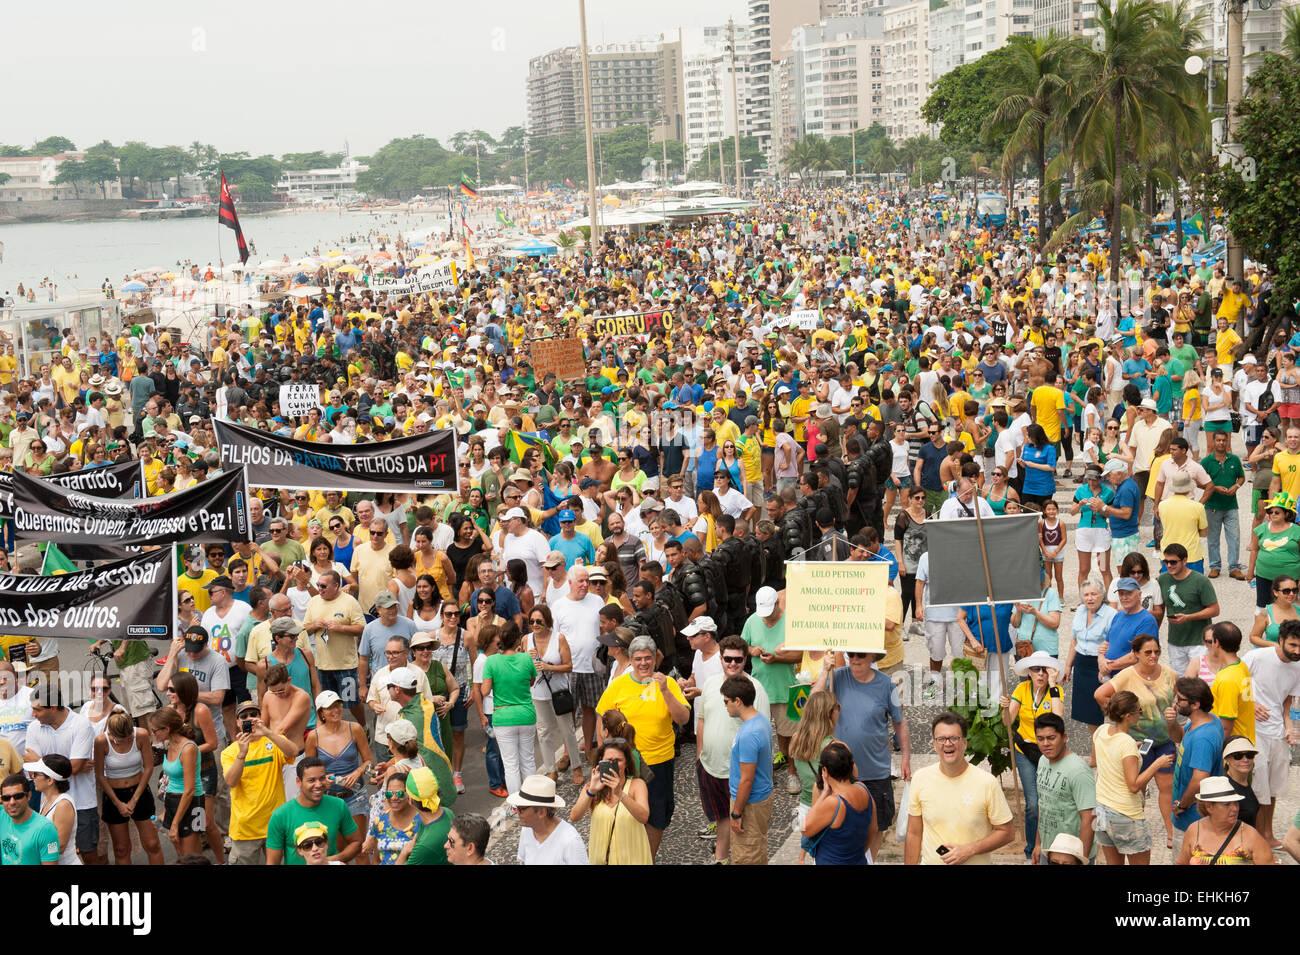 Los manifestantes llevan pancartas, Río de Janeiro, Brasil, el 15 de marzo de 2015. Manifestación contra la presidenta Dilma Rousseff. Foto de stock